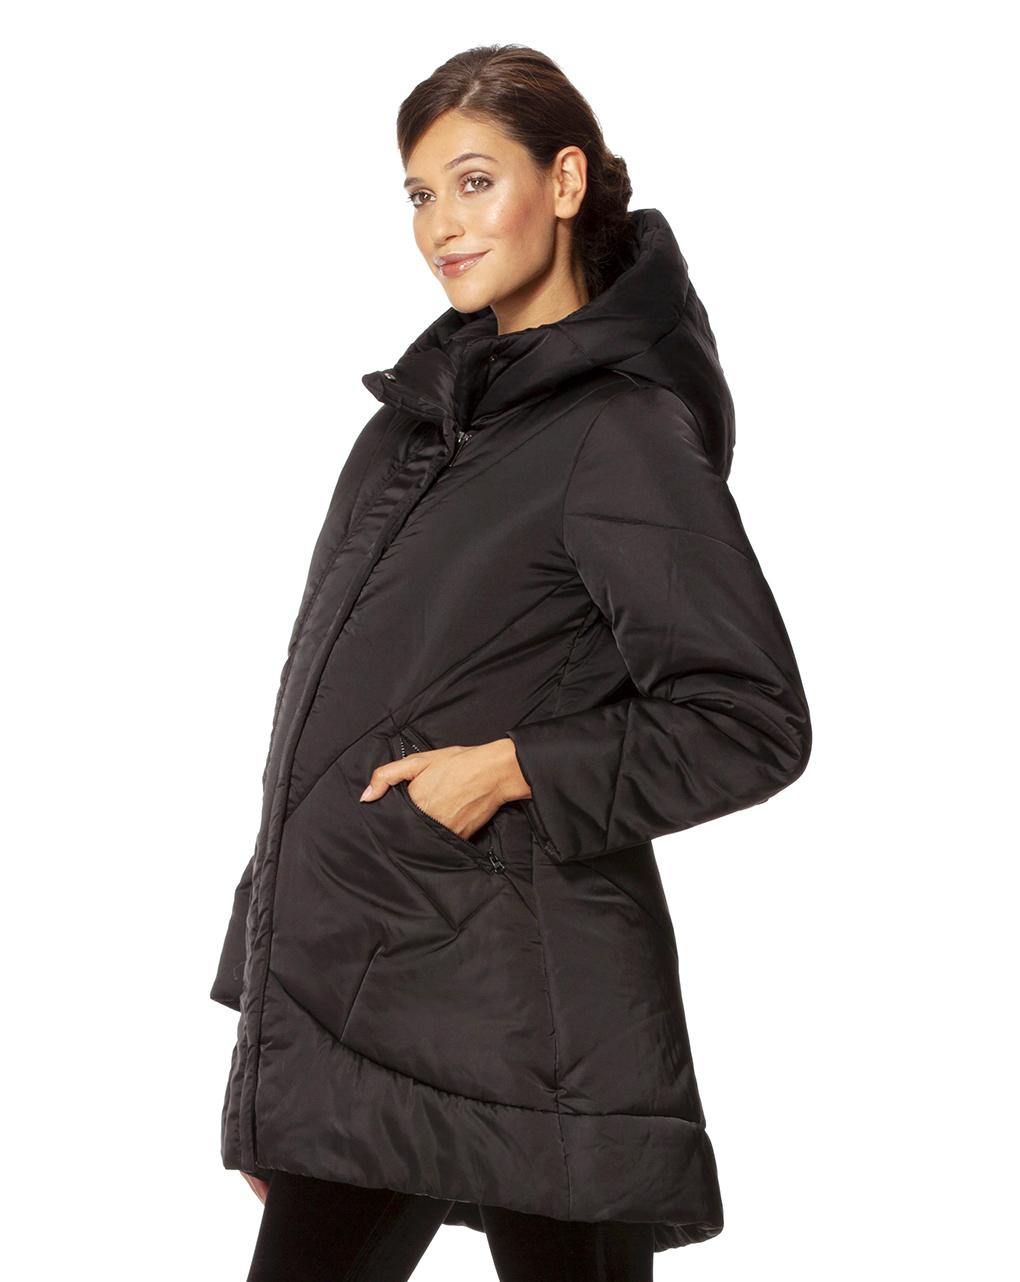 online retailer 0dd29 e06b5 Piumino lungo nero con cappuccio